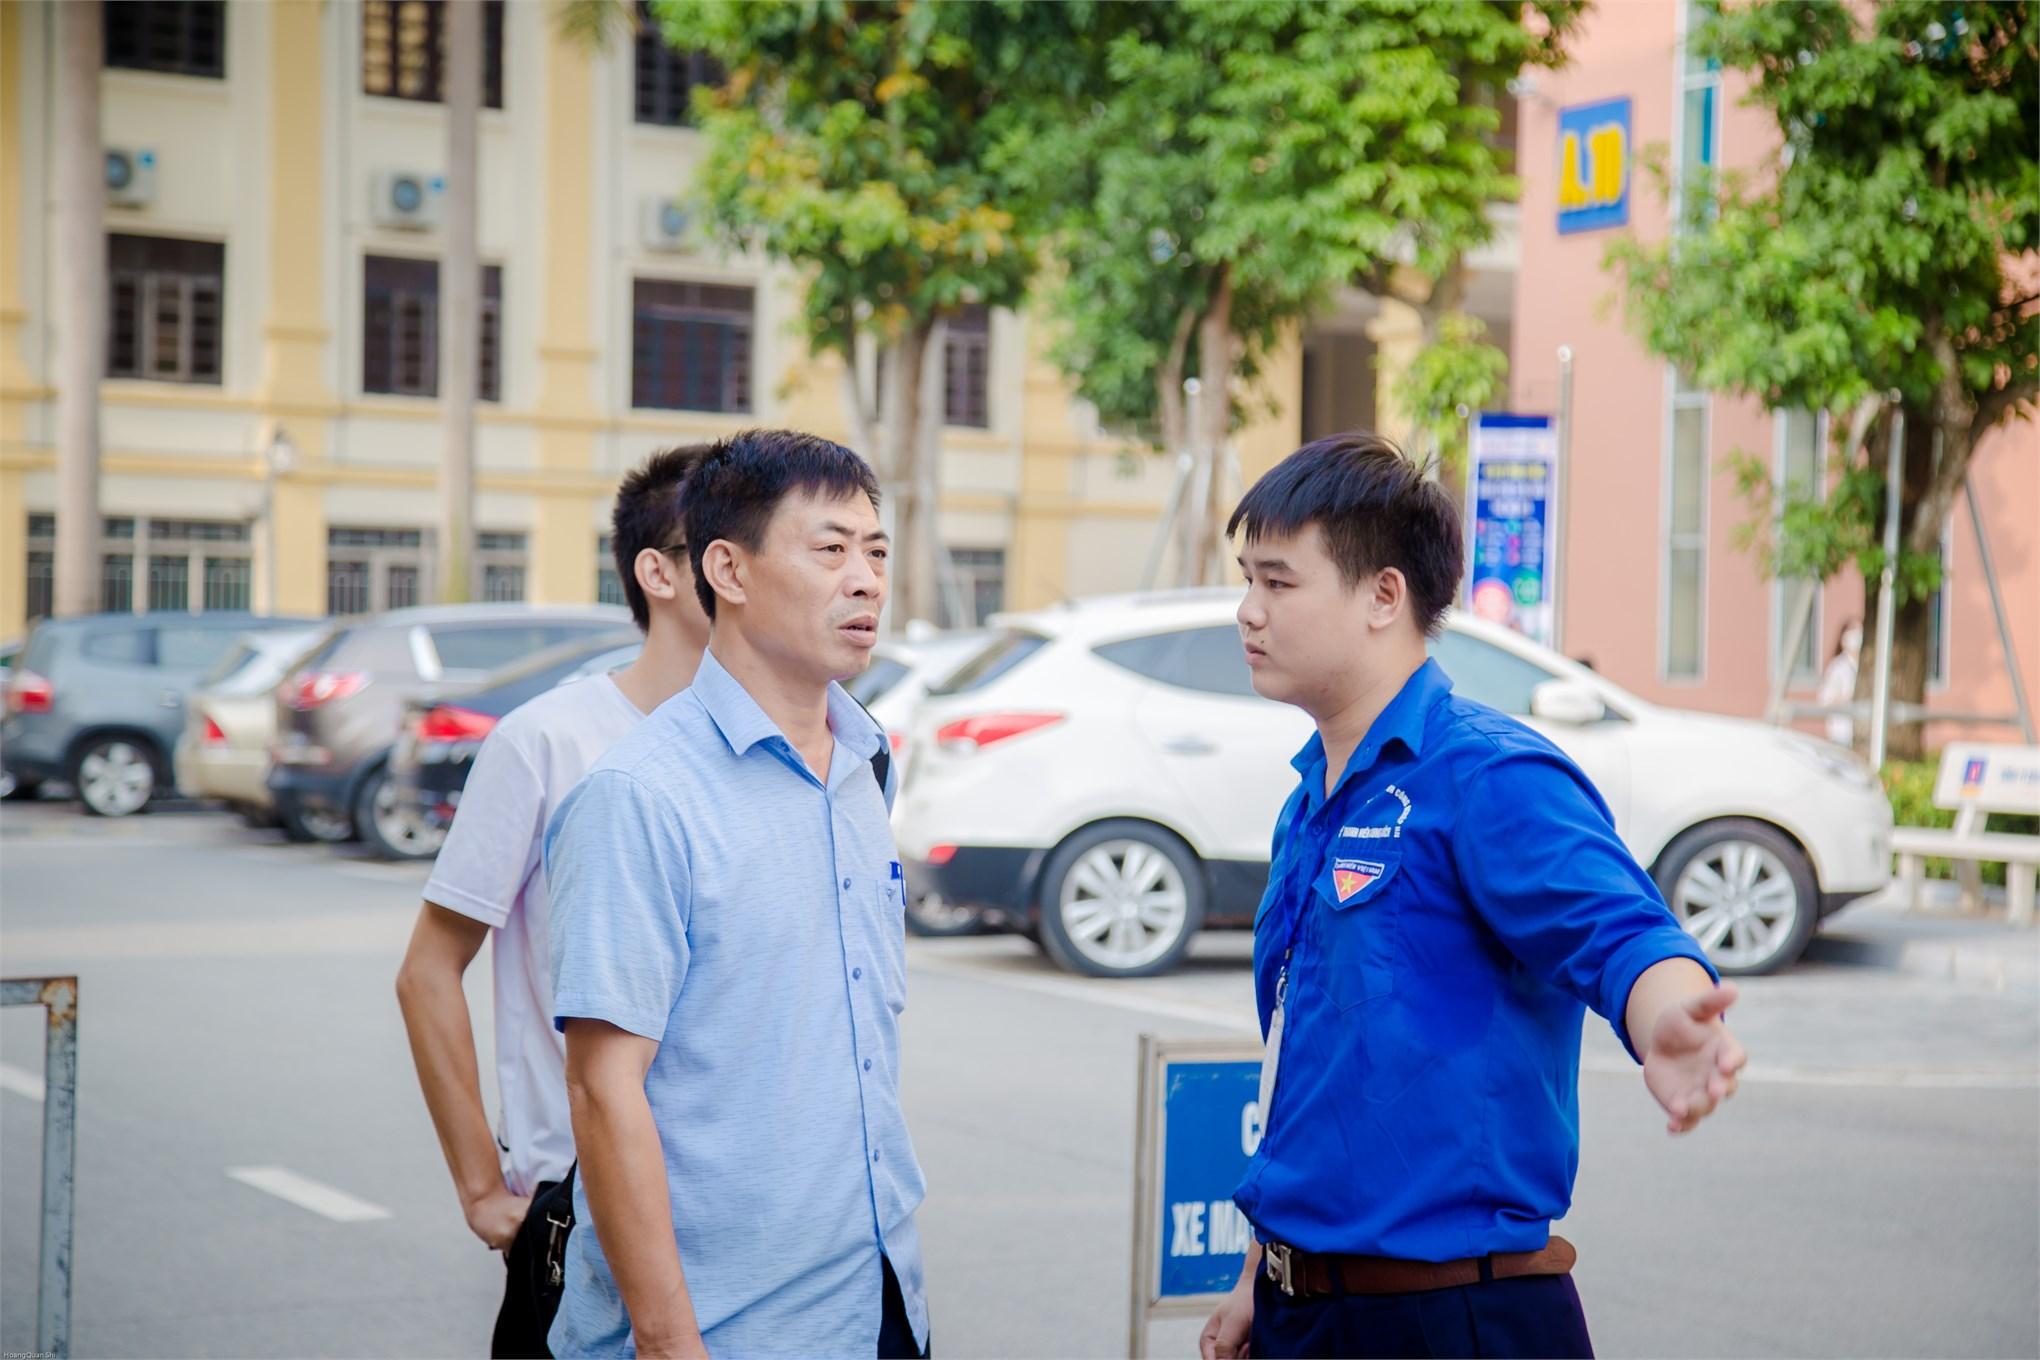 Thí sinh đăng ký xác nhận nhập học tại Đại học Công nghiệp Hà Nội năm 2019